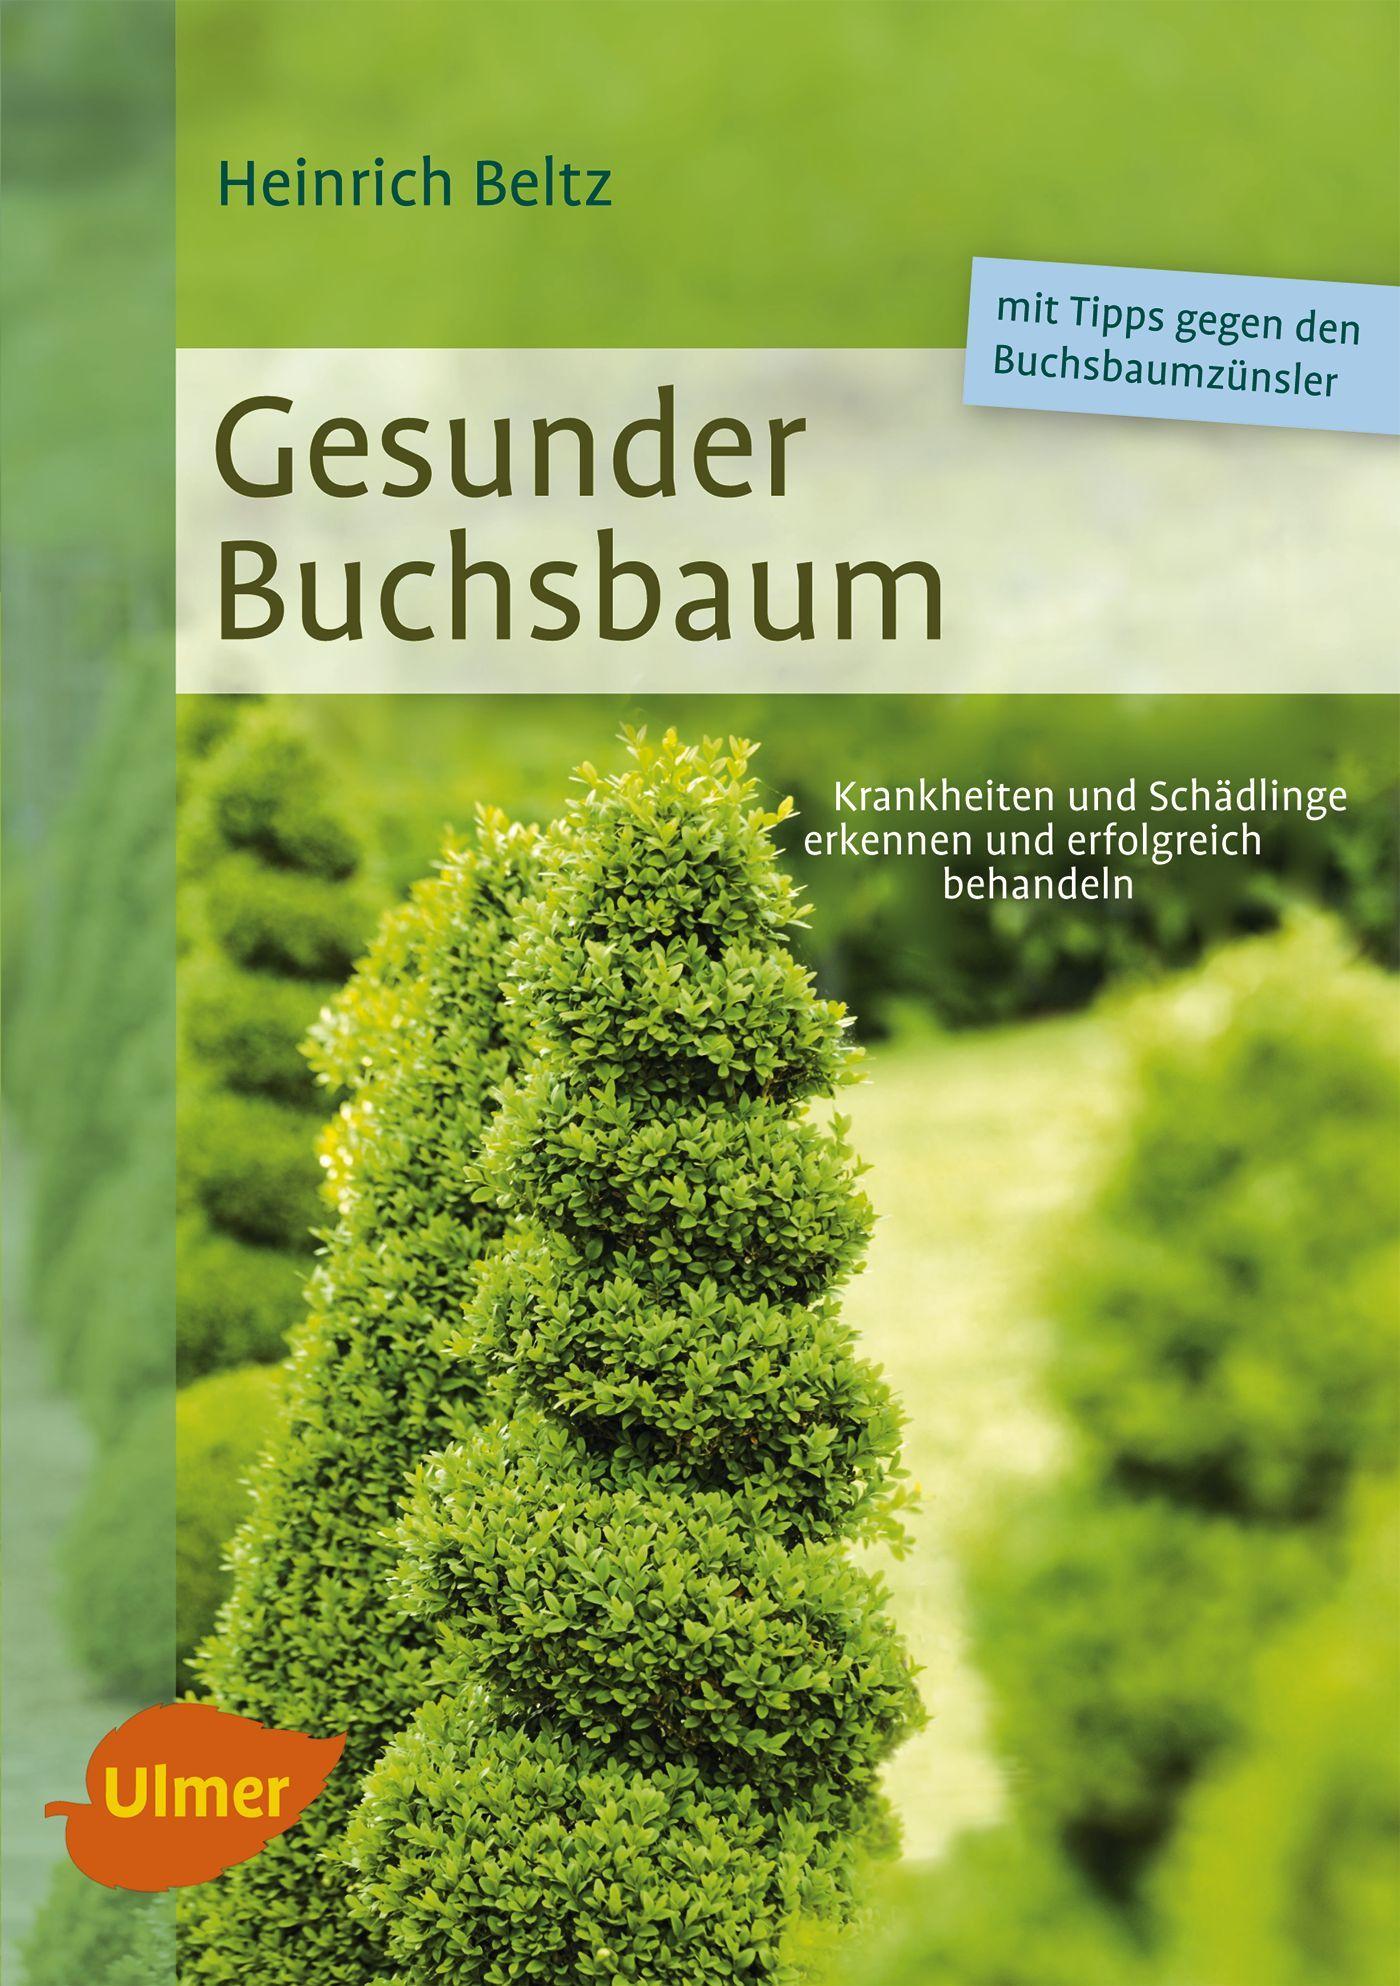 buchsbaum pflege buchs gew hnlicher buchsbaum kugel. Black Bedroom Furniture Sets. Home Design Ideas